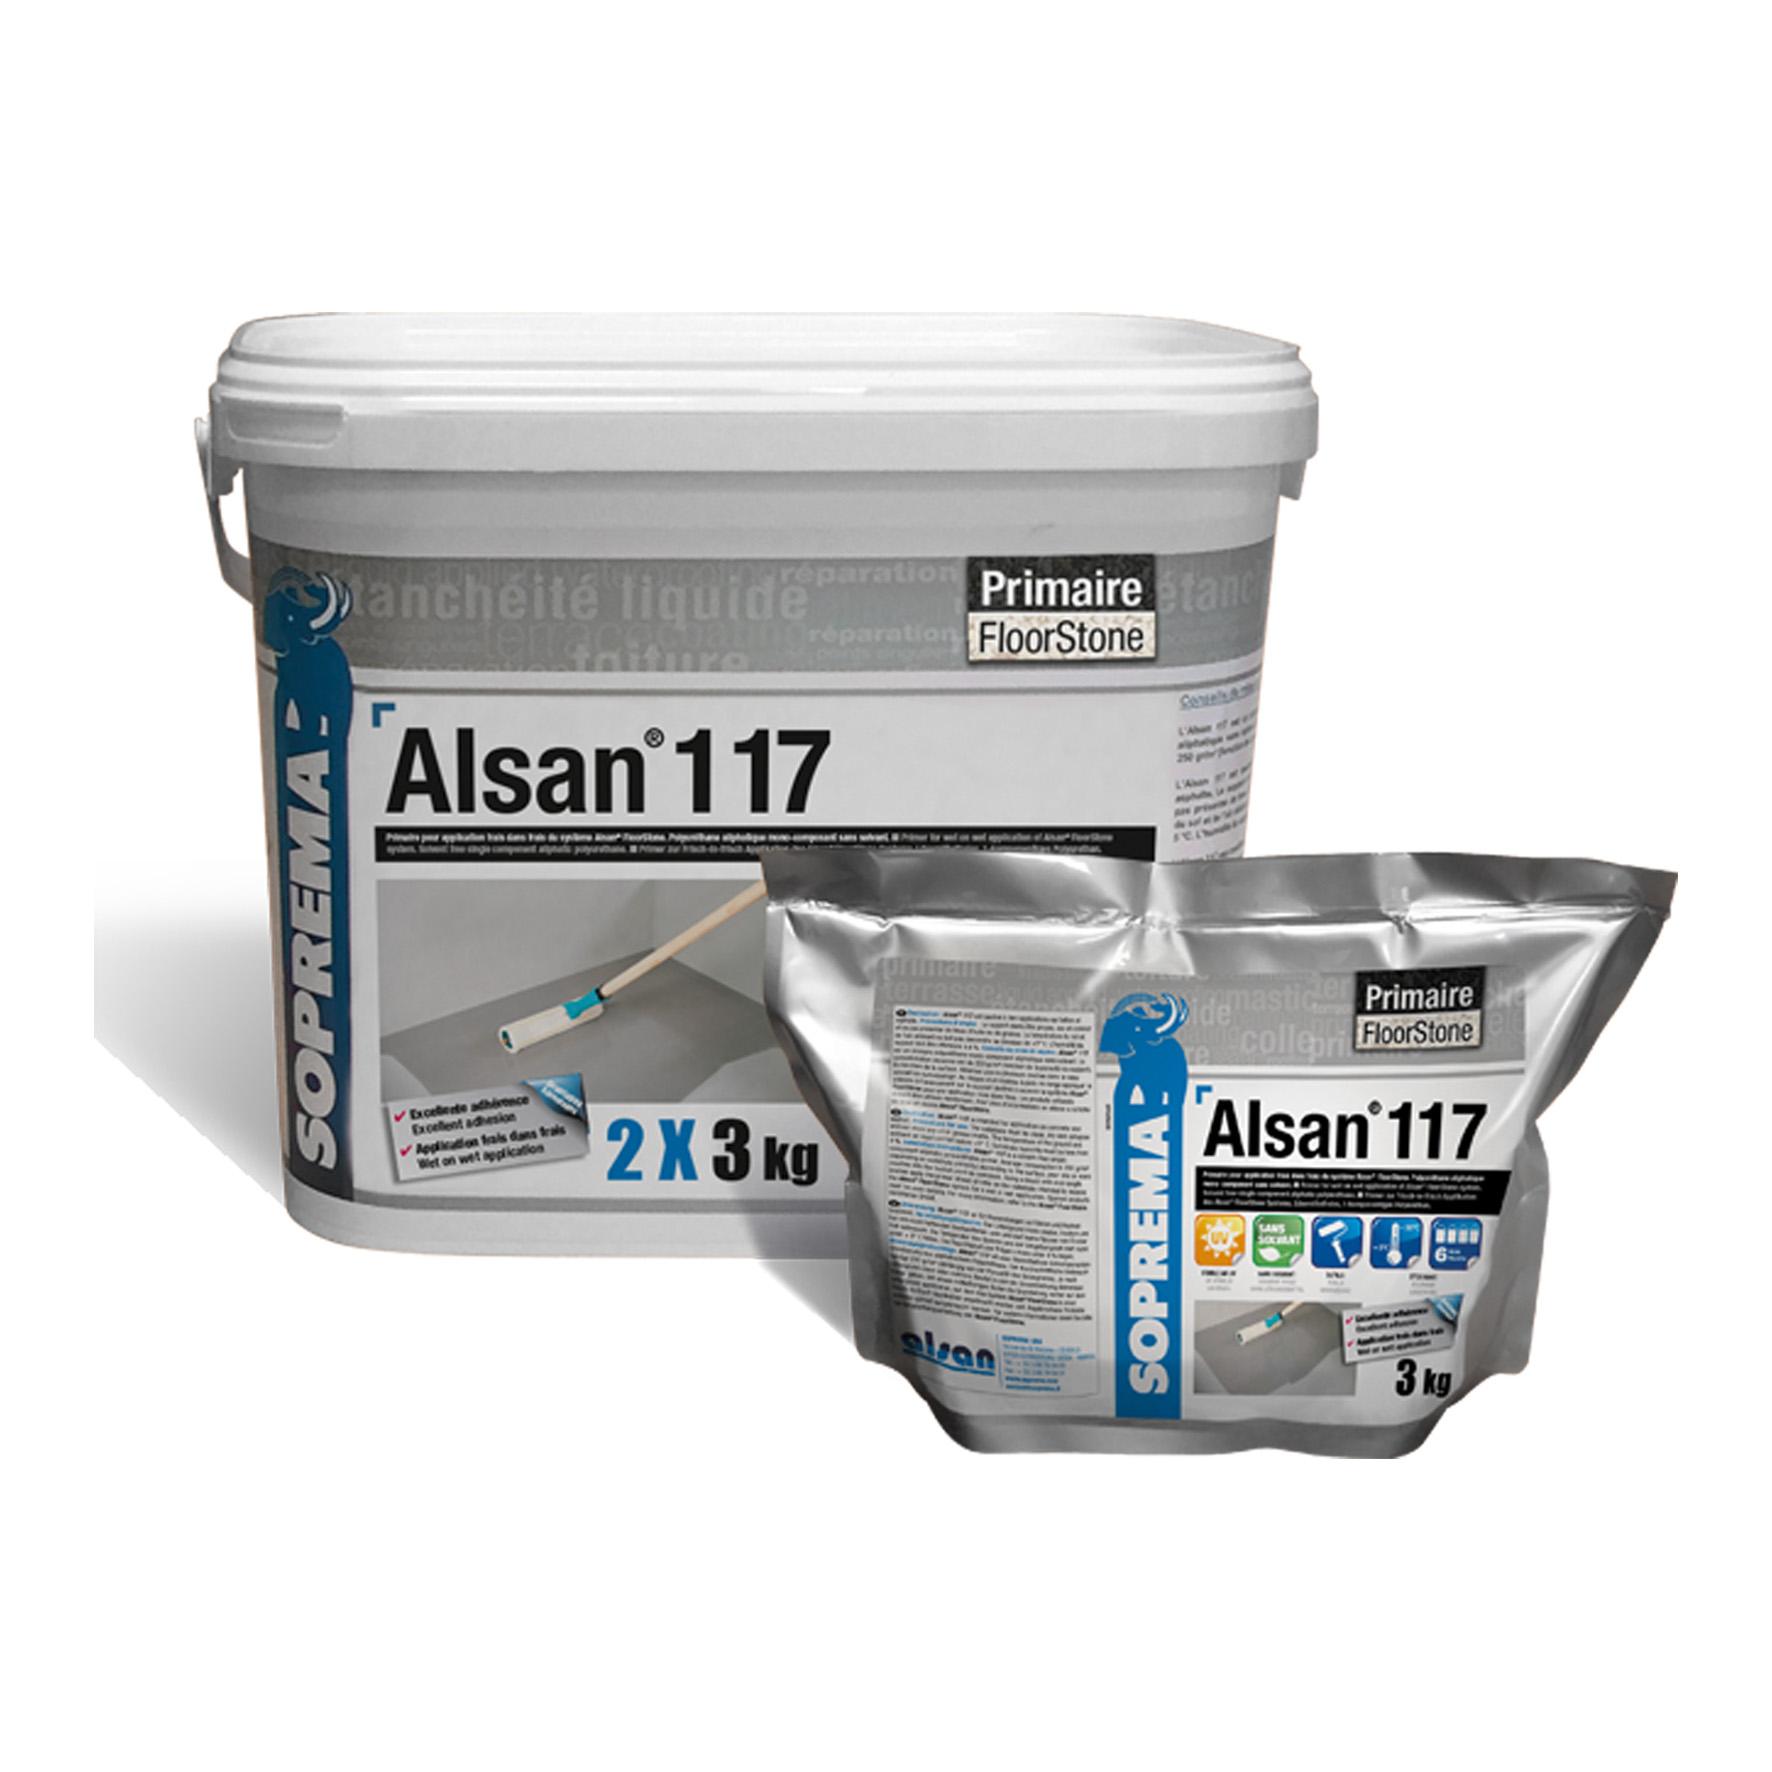 ALSAN 117 FLOORSTONE